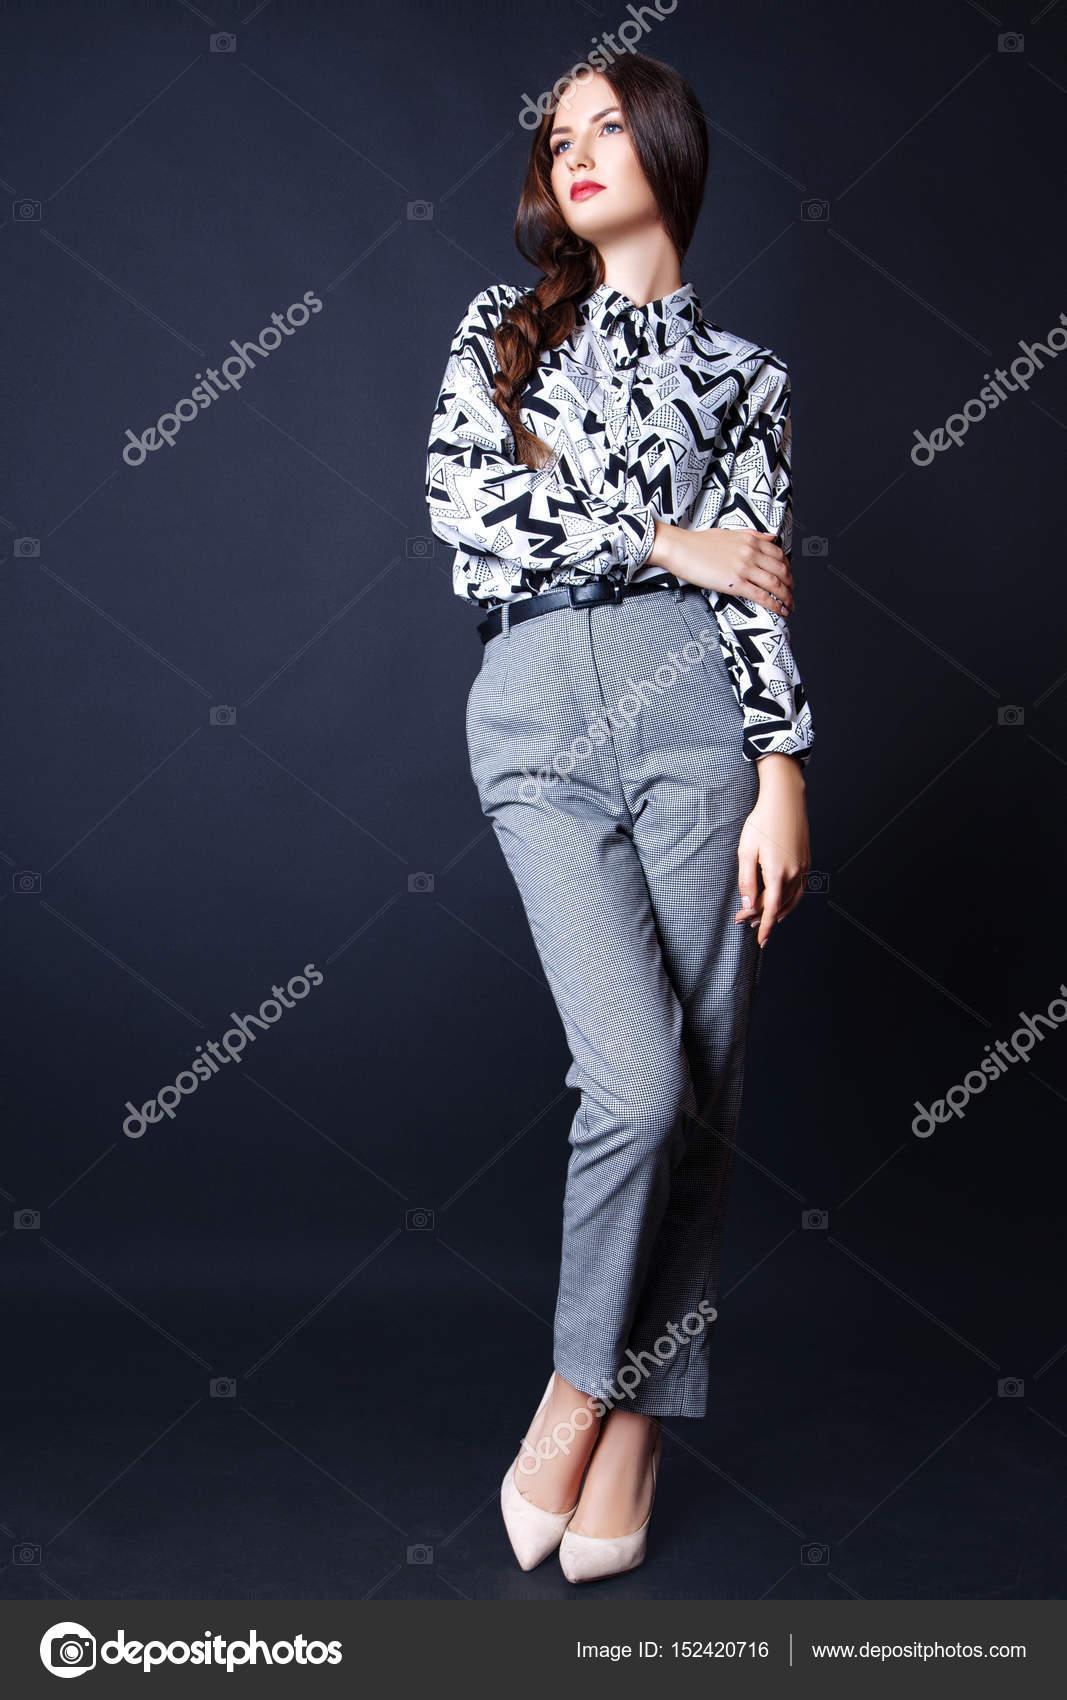 Modefoto jungen Frau auf schwarzem Hintergrund. Gekleidet in ein Hemd und  Hose mit Ornament. Mädchen posiert. Studio Foto — Foto von YuliiaChupina ca90963bf1